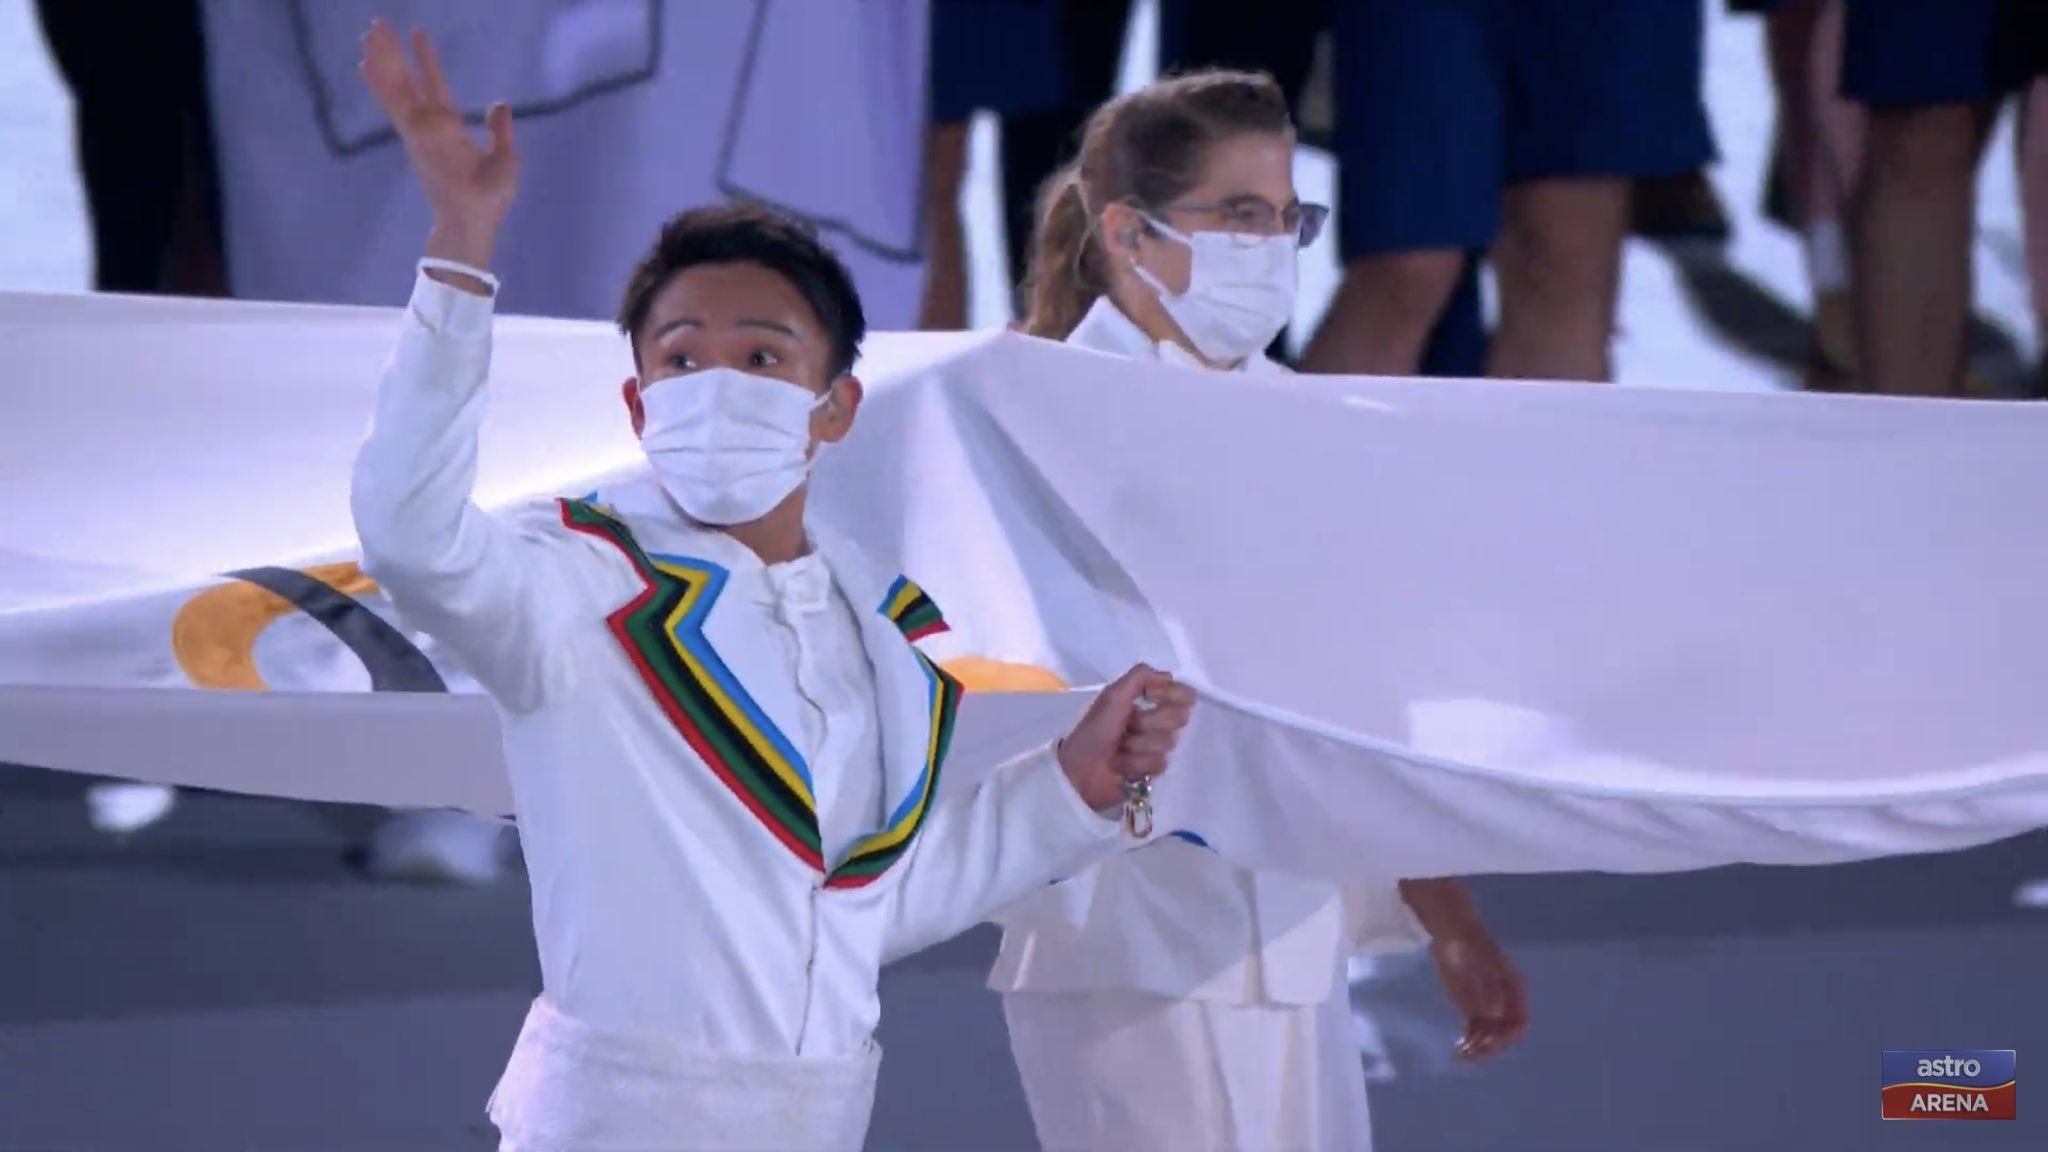 桃田贤斗手持奥运五环旗进场。-摘自推特-